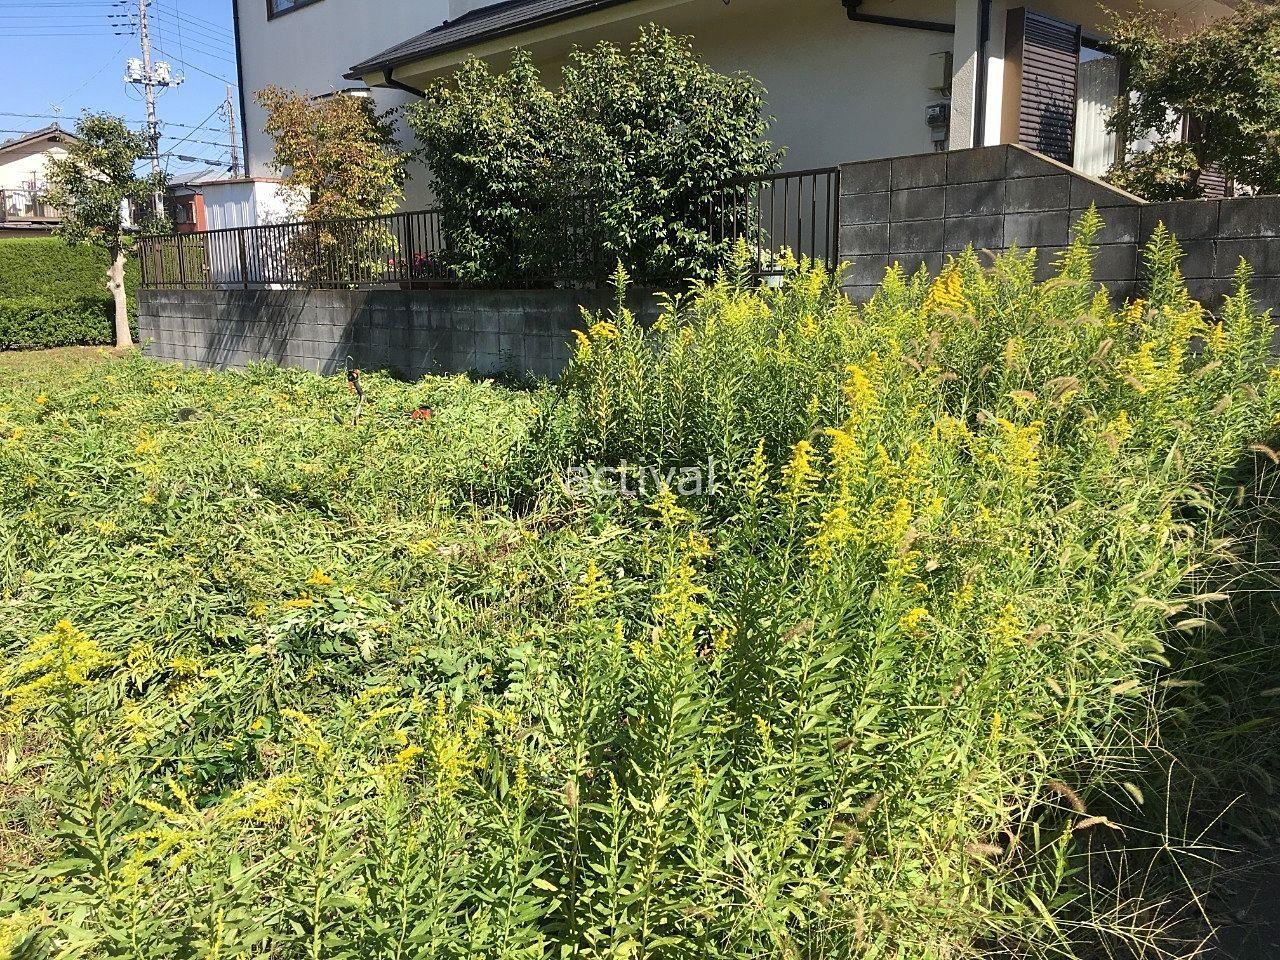 土地にはこのように雑草が生えています!